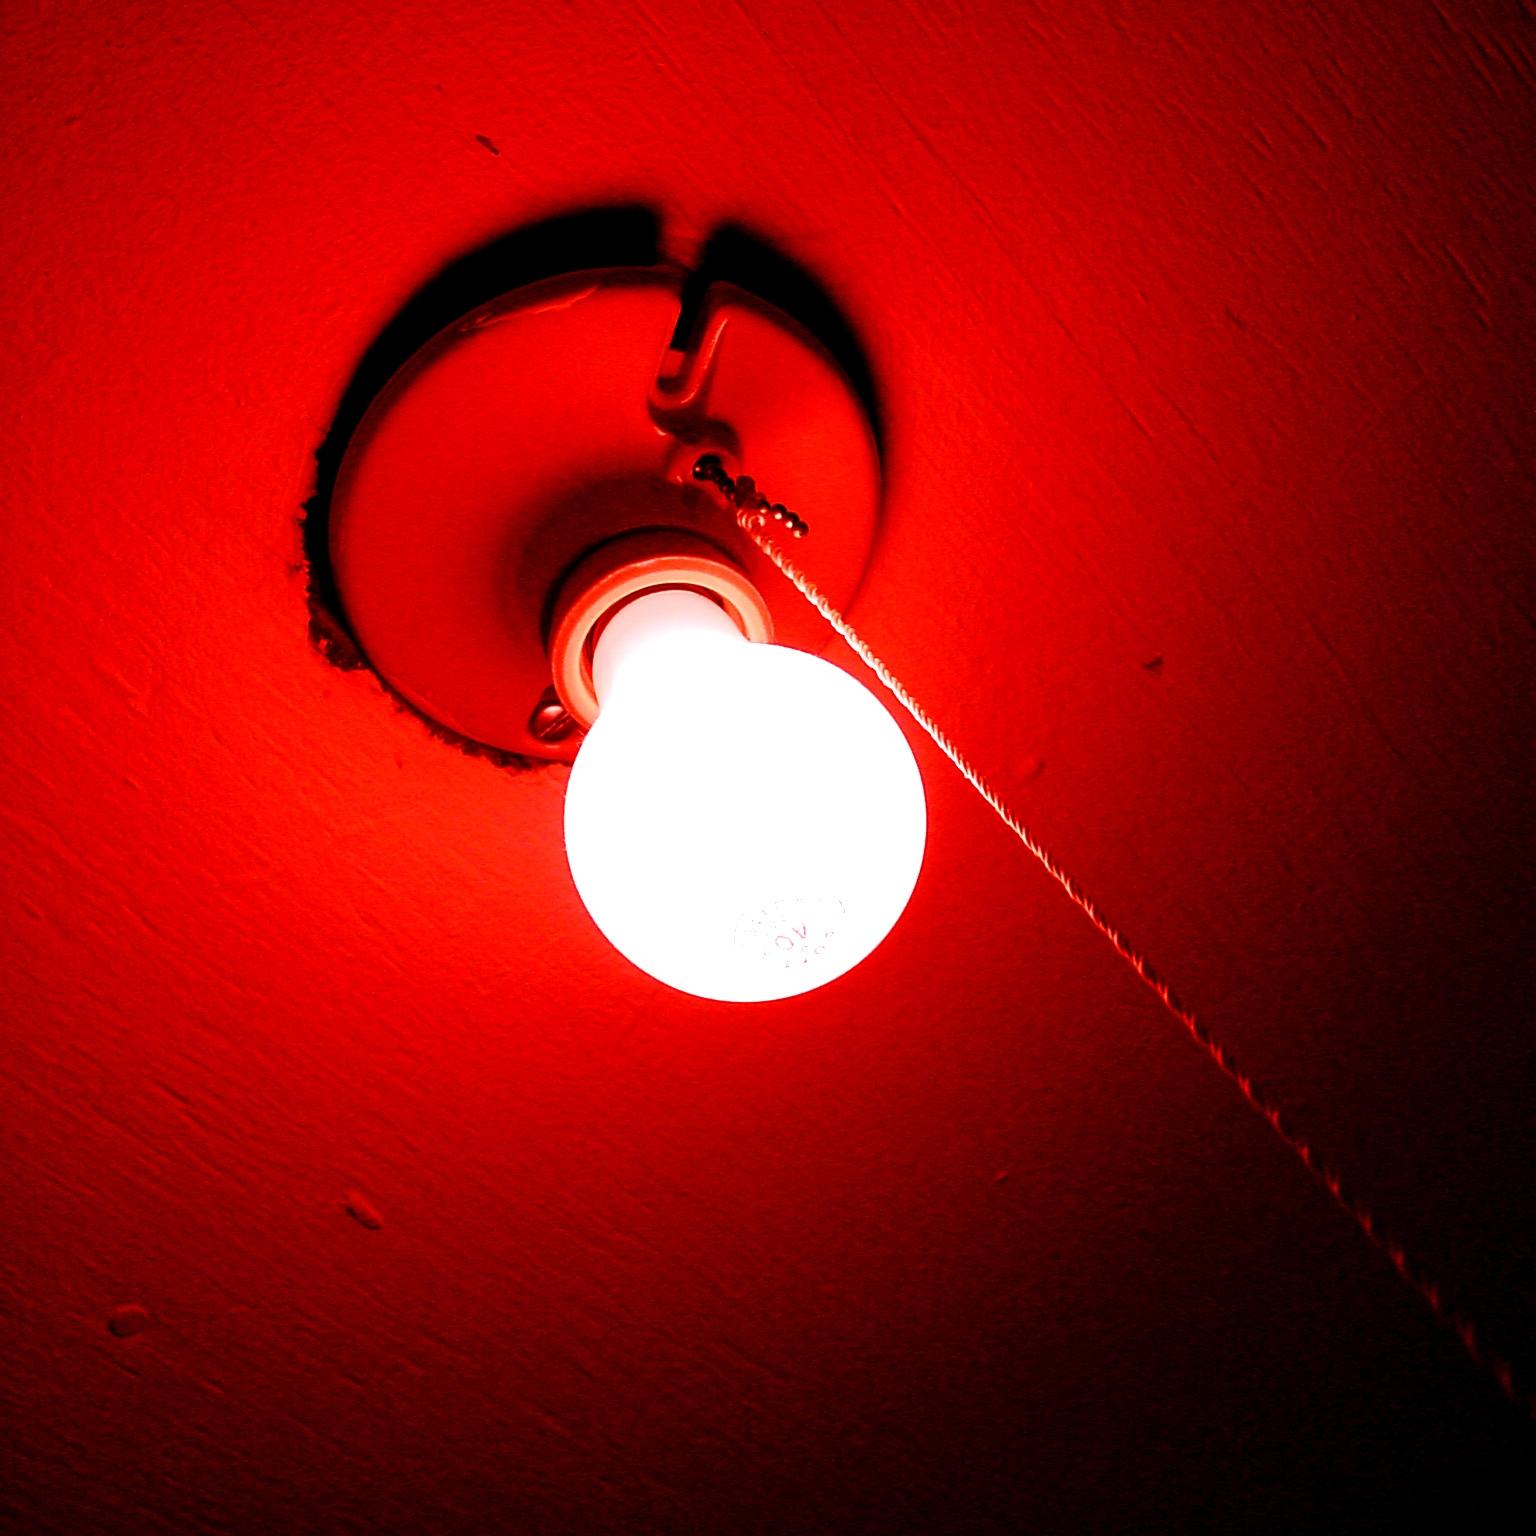 red-light-bulb.jpg